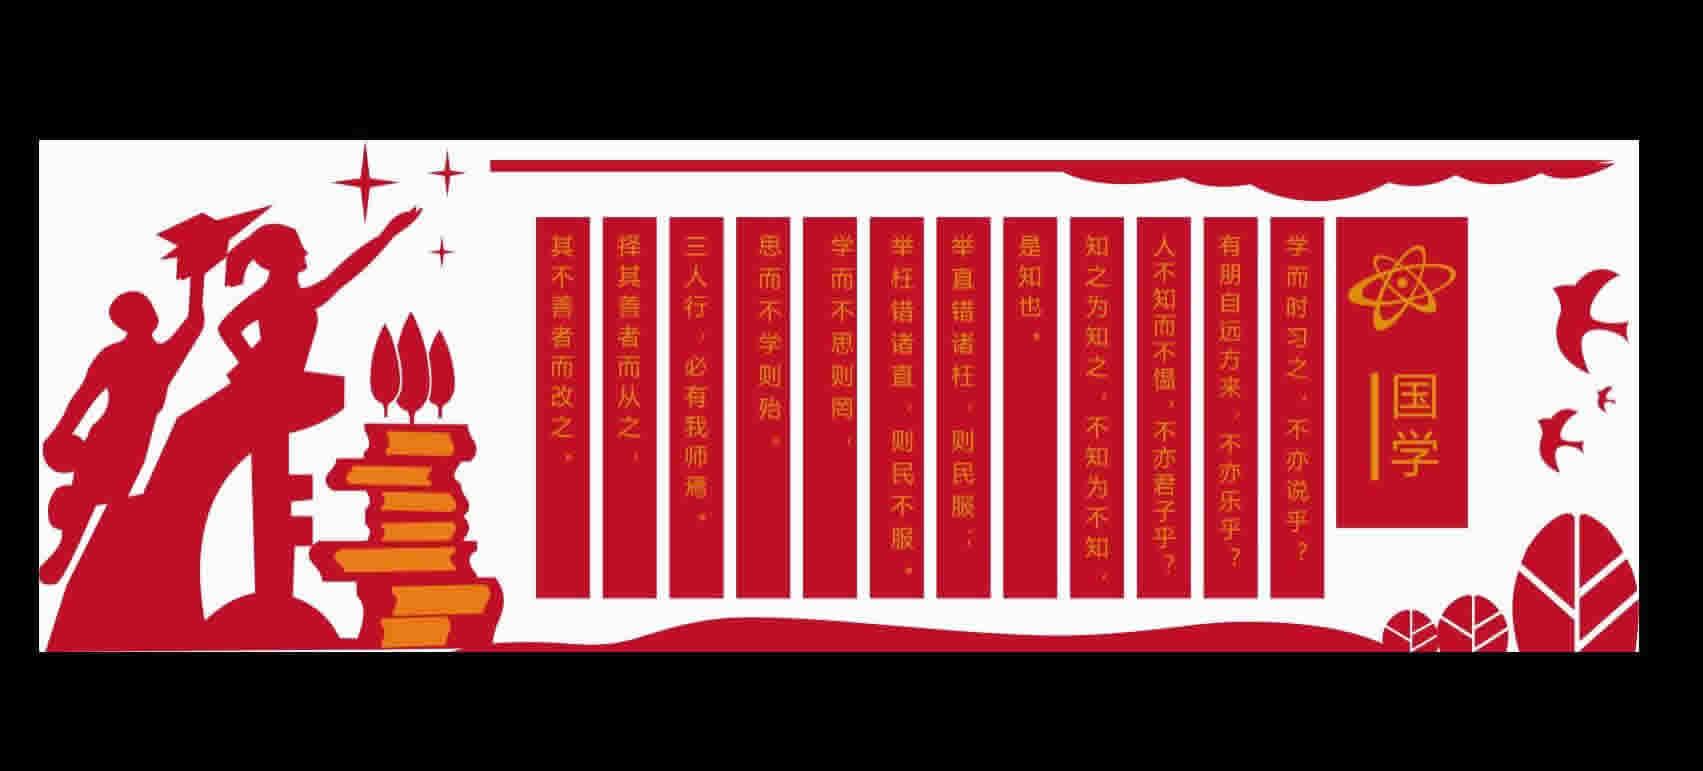 国学展示墙走廊文化展板学而时习之